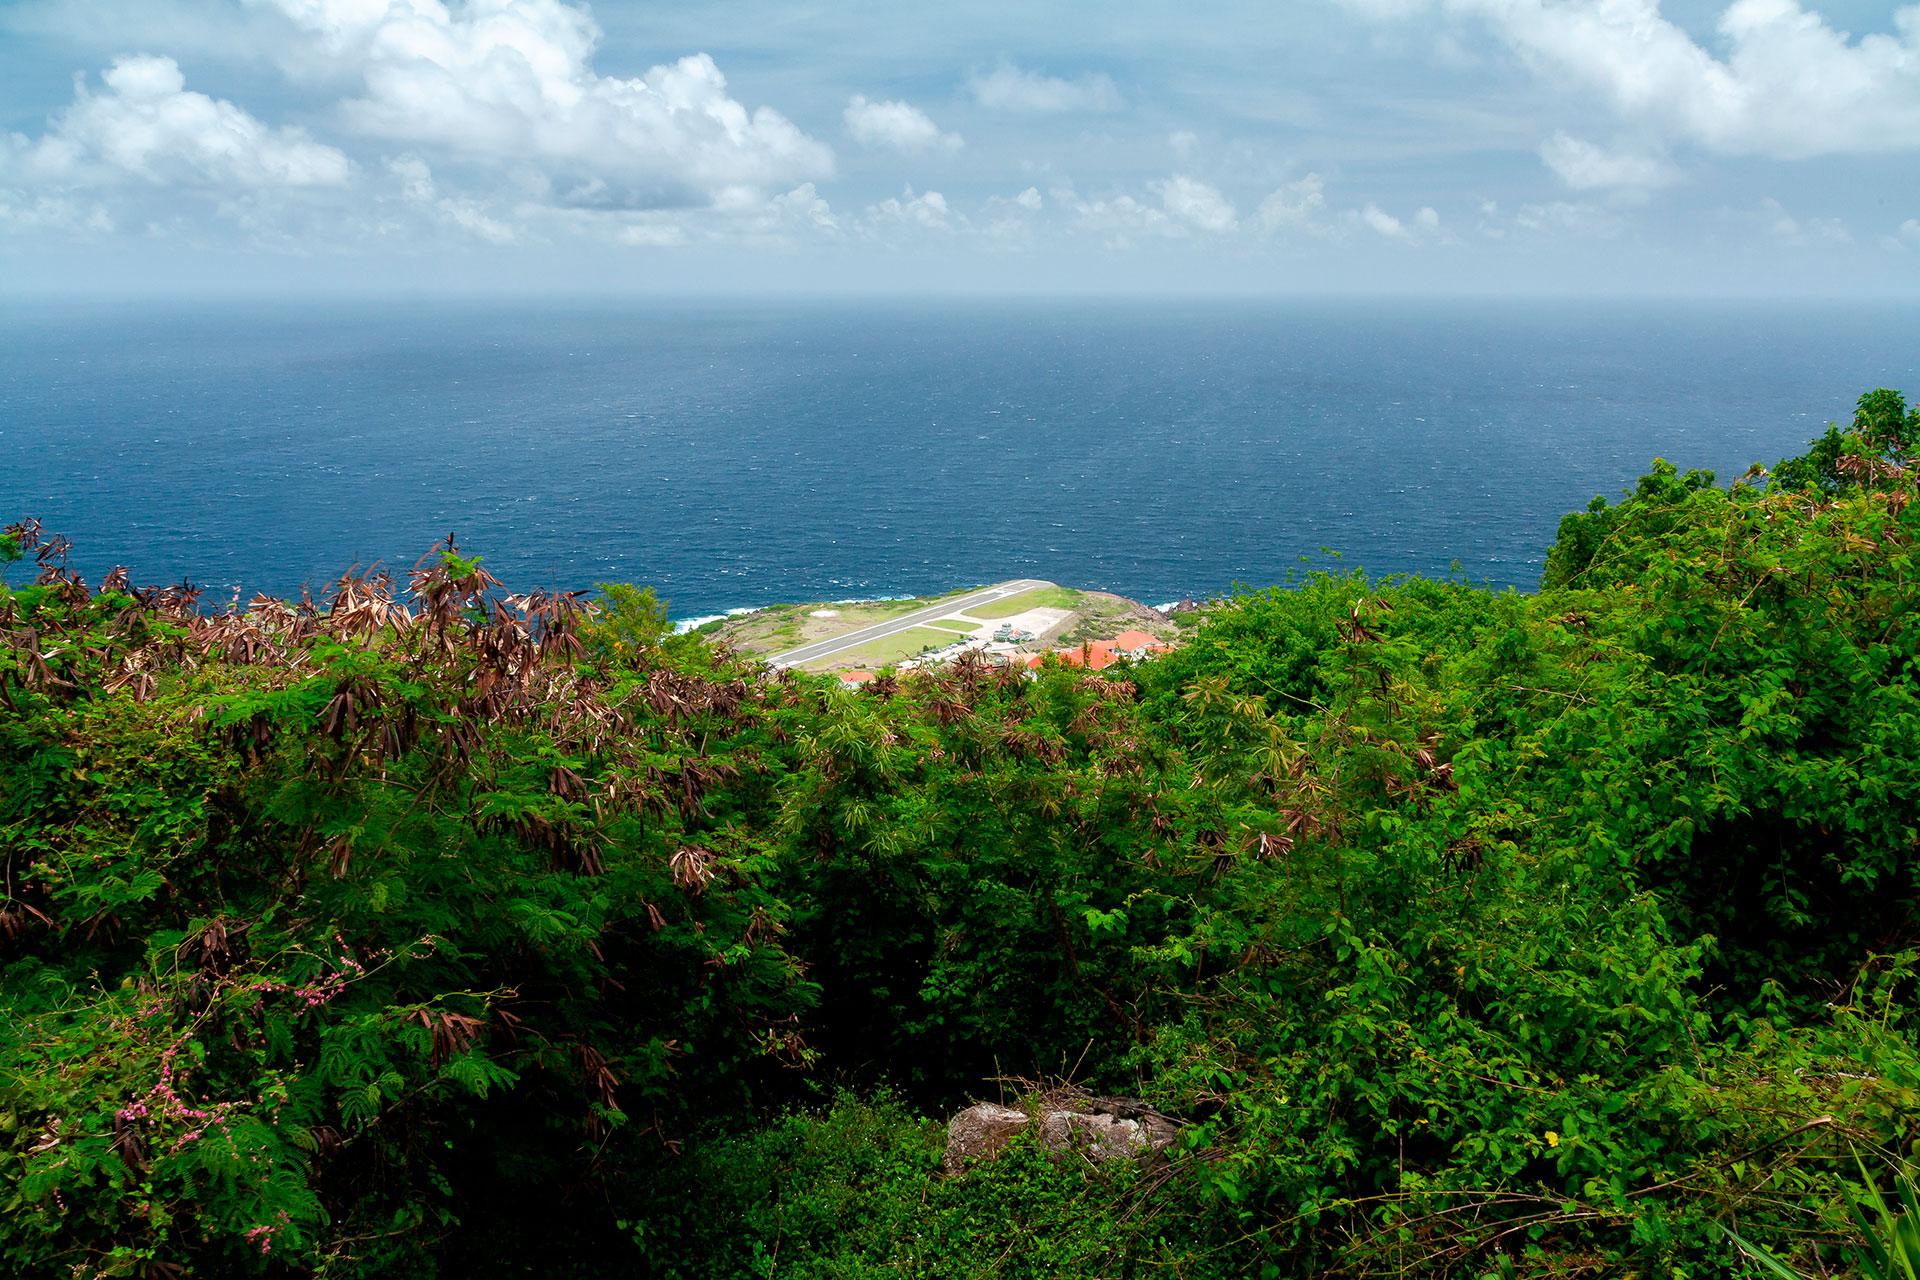 El entorno virgen y subdesarrollado de Tiny Saba lo hace memorable. Ubicado en la cadena de las Antillas Menores, al sur de St. Maarten/St. Martin, el atractivo de la isla se extiende tanto por encima como por debajo de la costa, desde la silueta irregular del monte